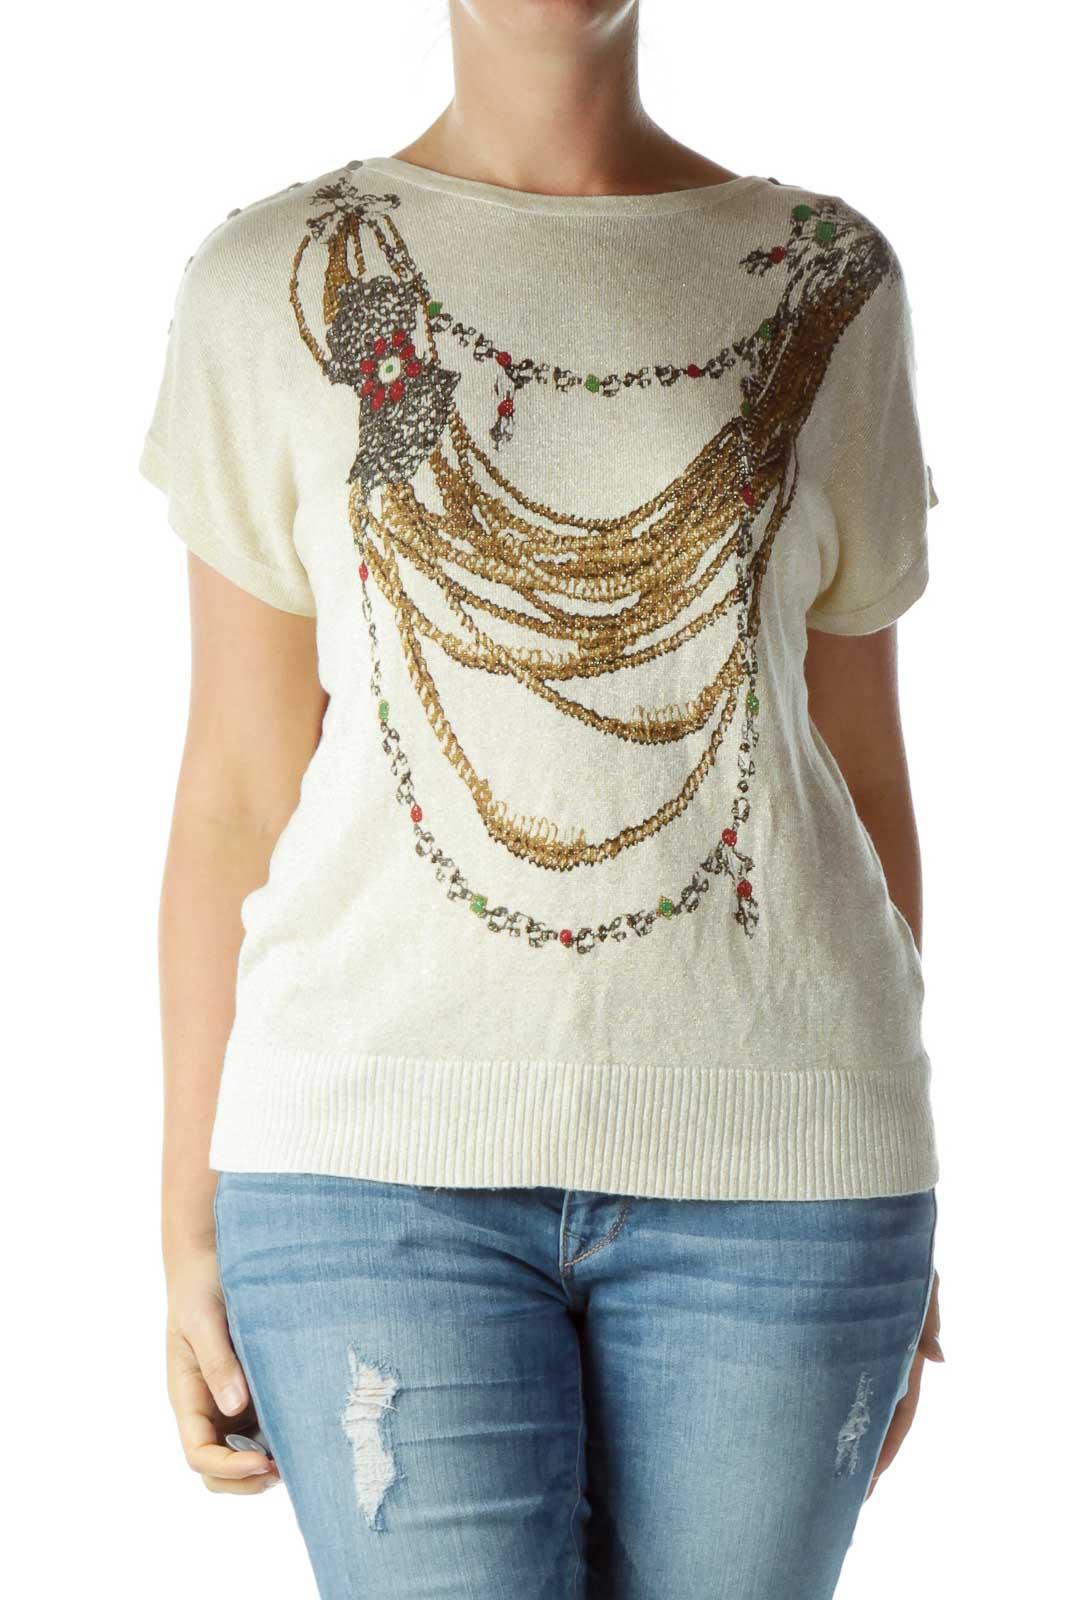 Beige Metallic Print Knit Top Front